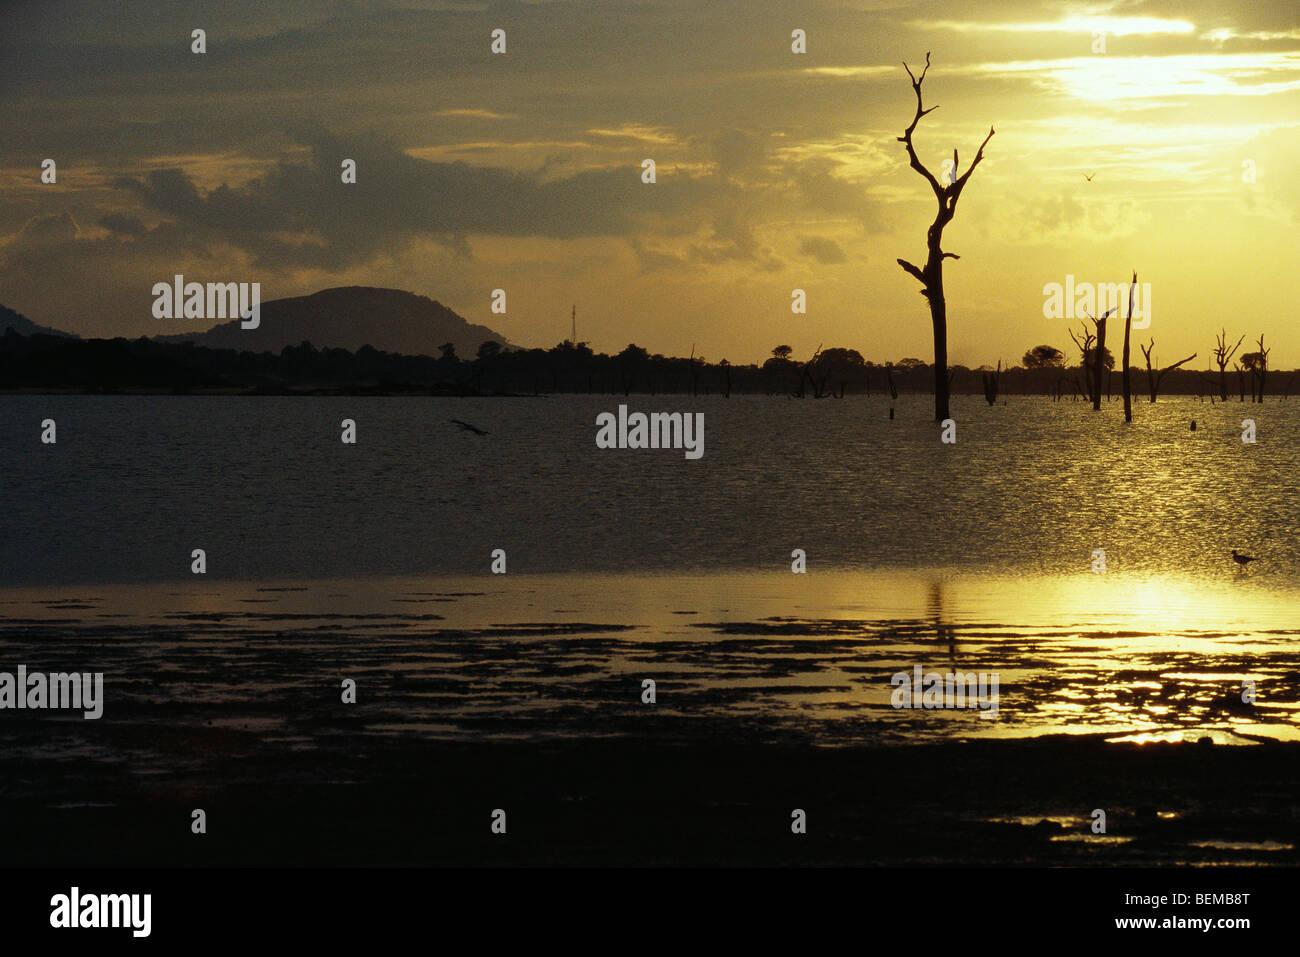 Dead trees standing in lake, silhouetted against golden sky, Sri Lanka - Stock Image